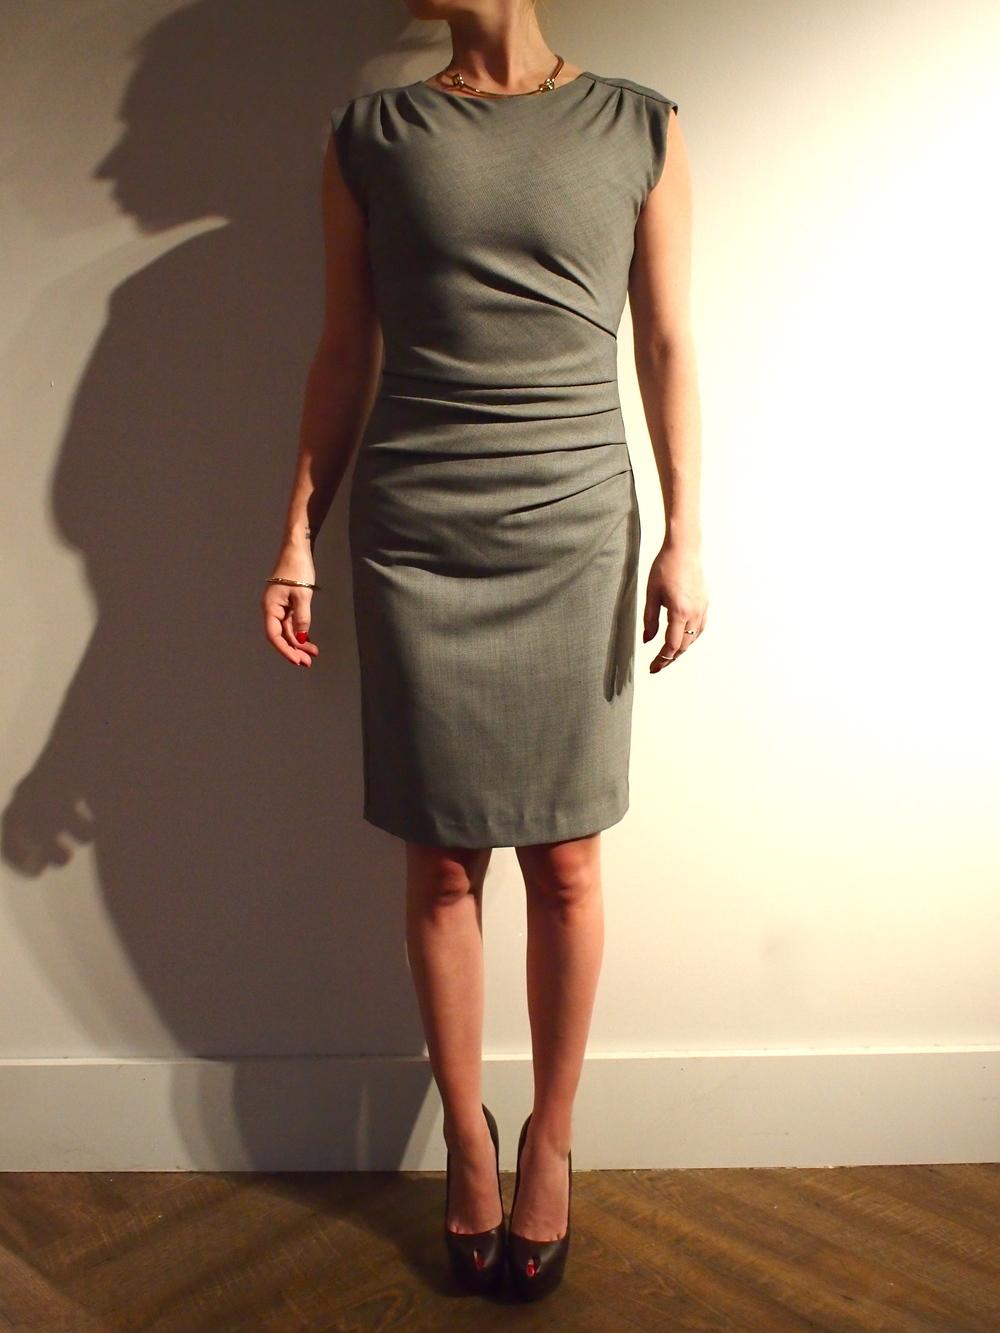 Meka Dress by Tiger Of Sweden $259